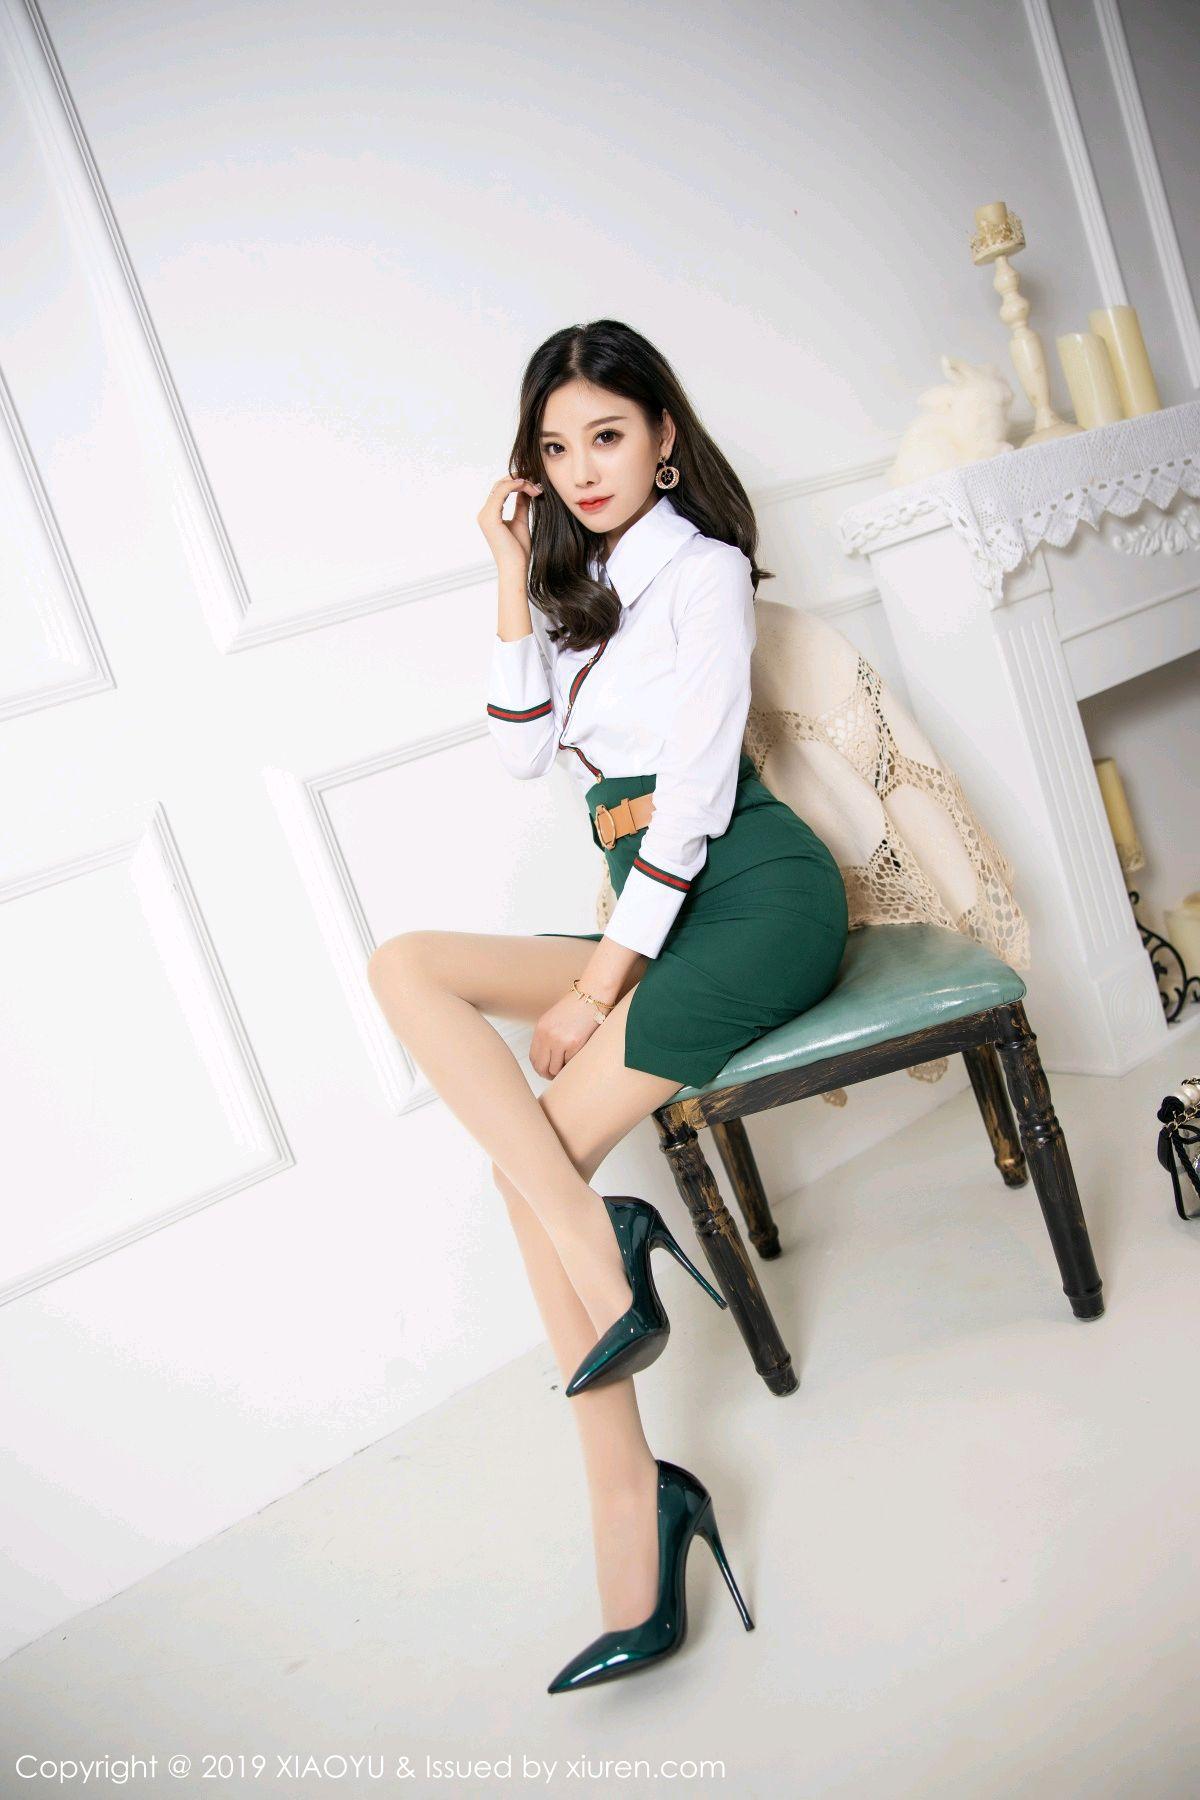 [XiaoYu] Vol.148 Yang Chen Chen 19P, Black Silk, XiaoYu, Yang Chen Chen